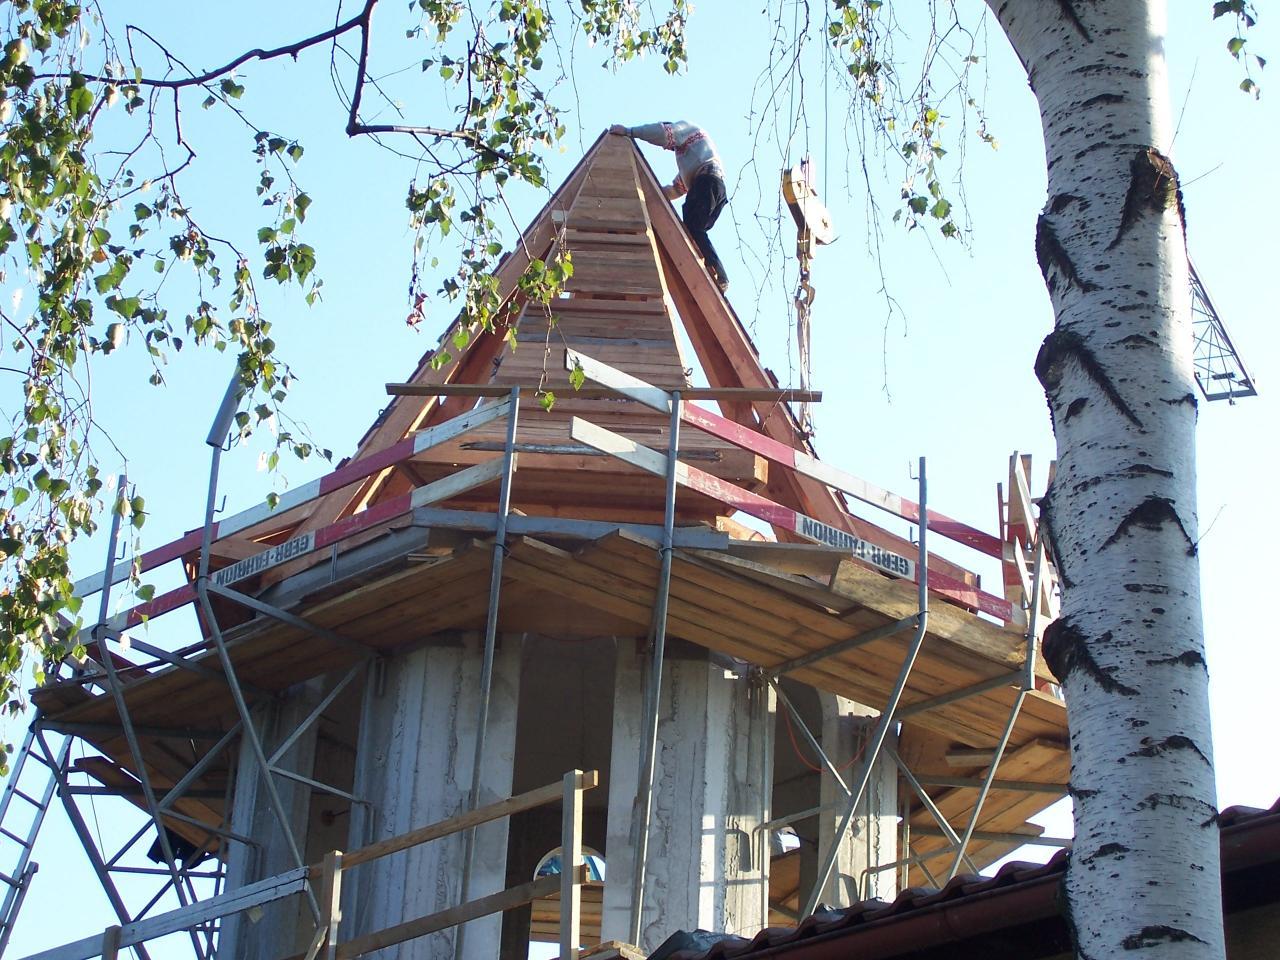 Septembrie, 22 - Turnul si scheletul de lemn al acoperisului